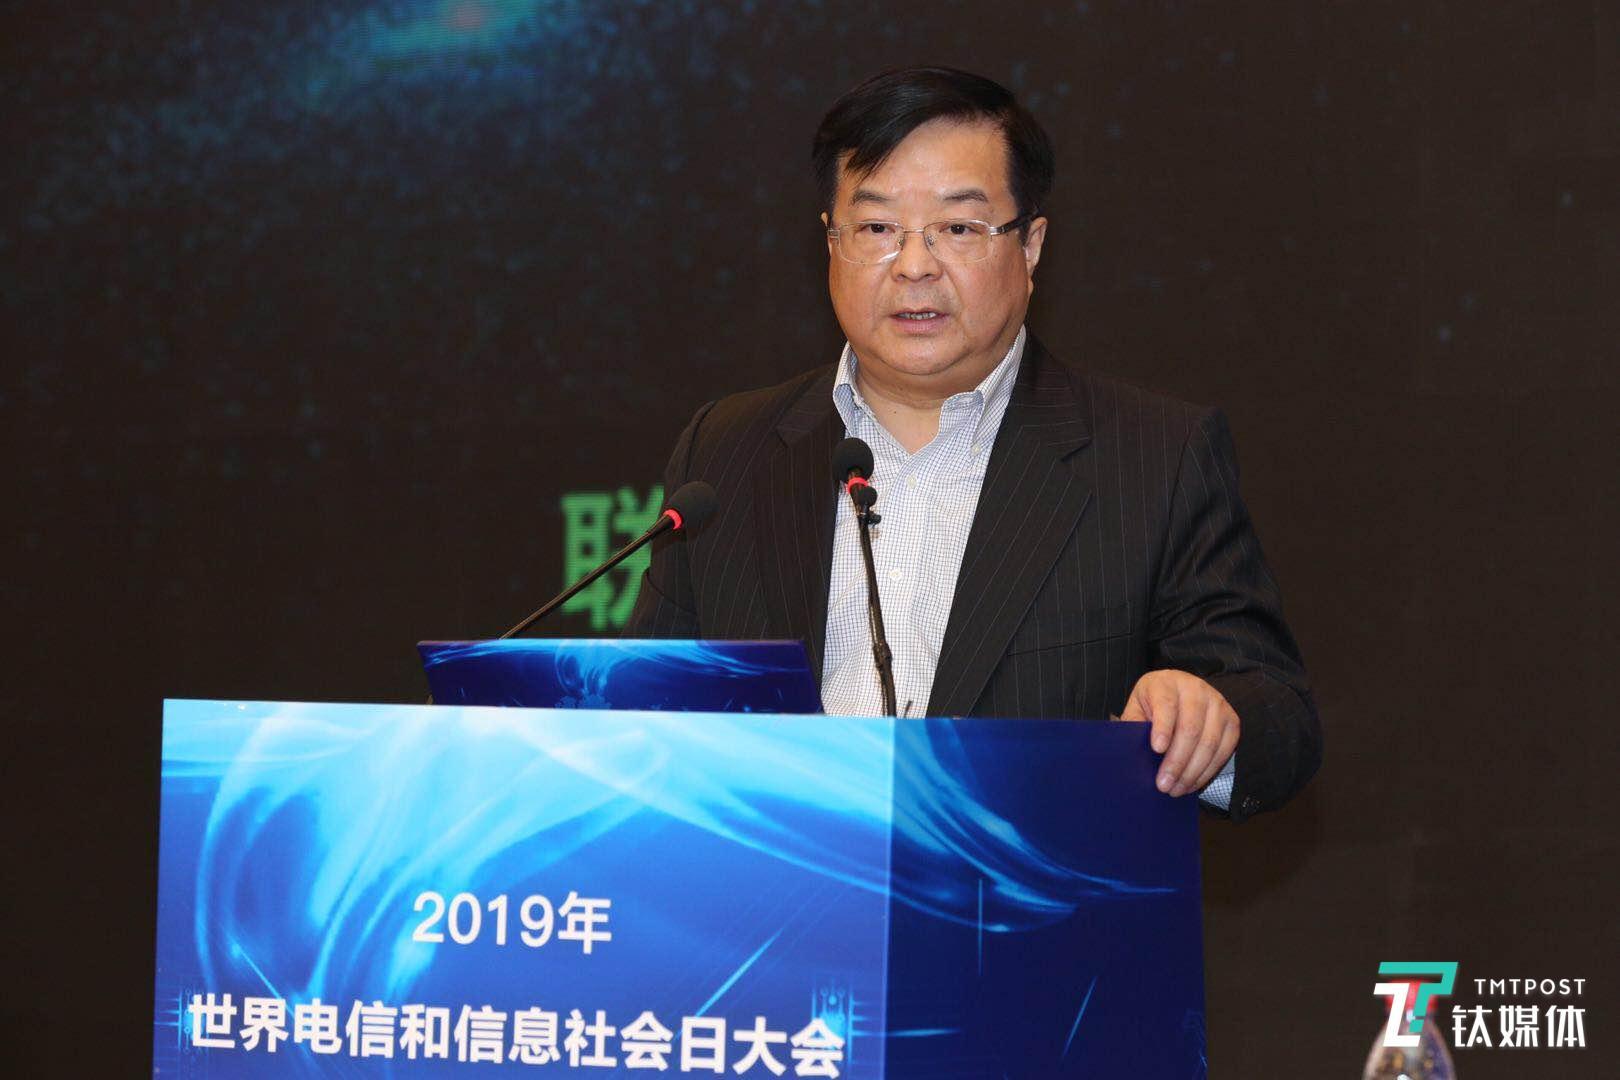 中国移动李正茂:在5个城市开展5G 规模试验,将以独立组网为目标网